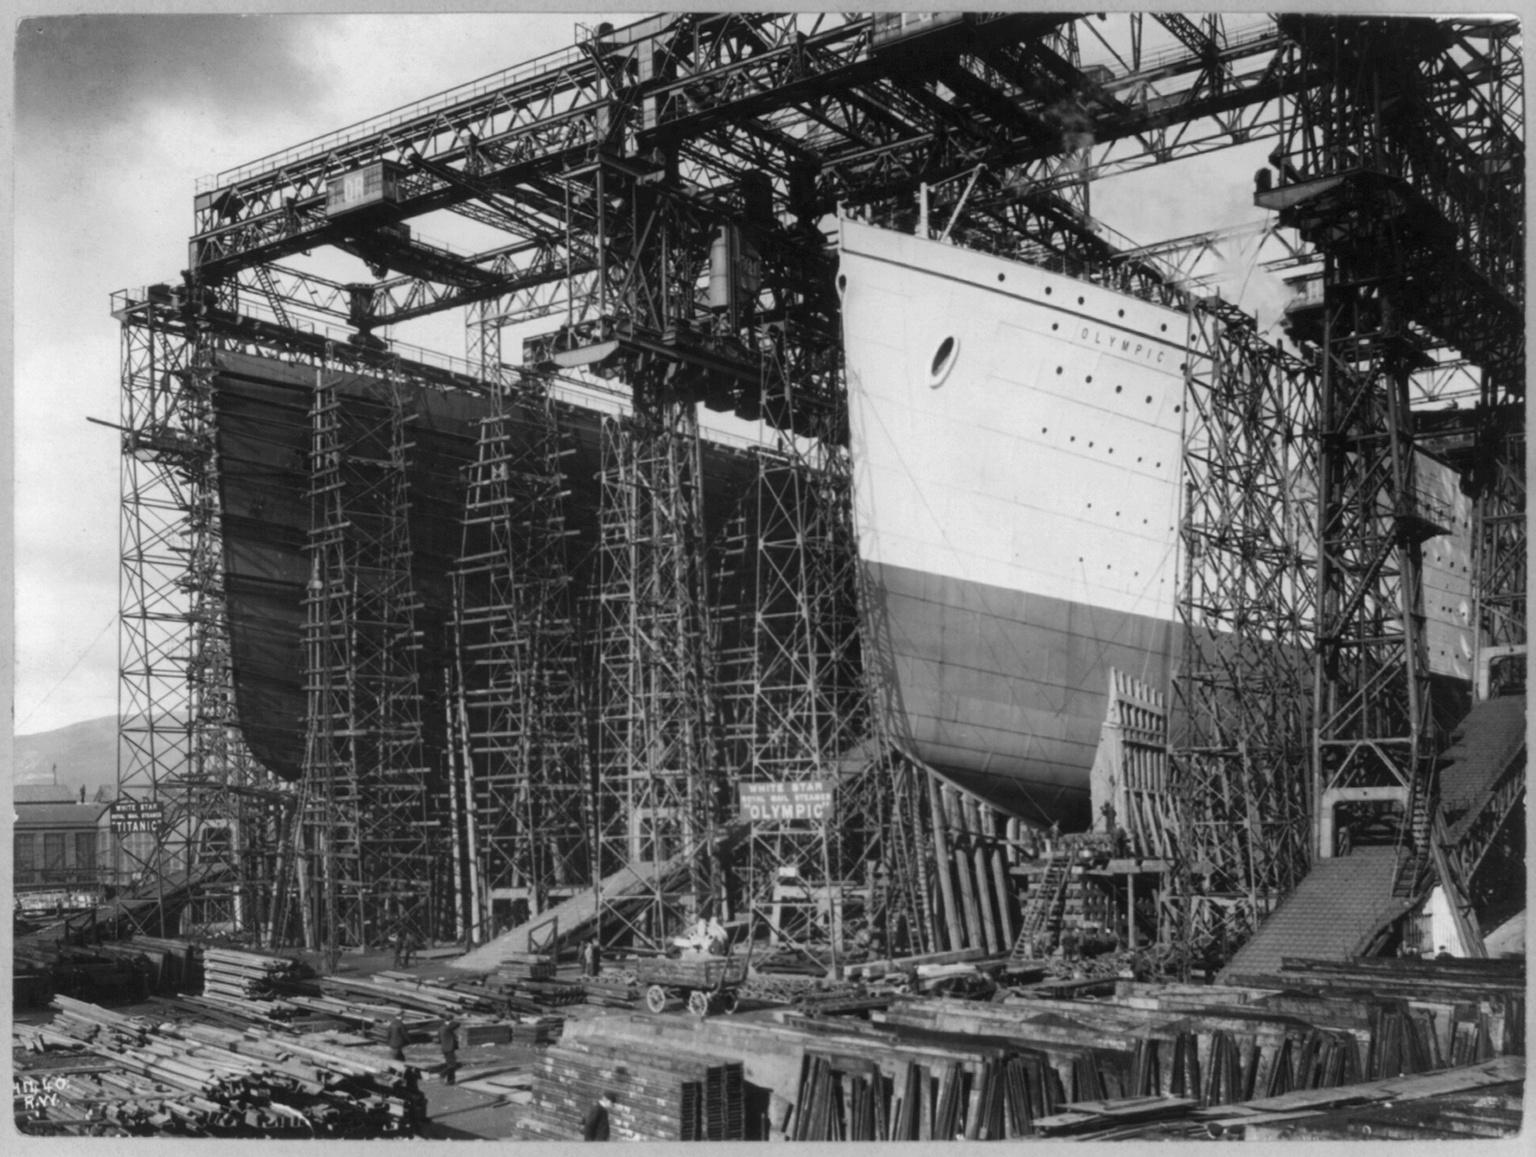 rms titanic interior